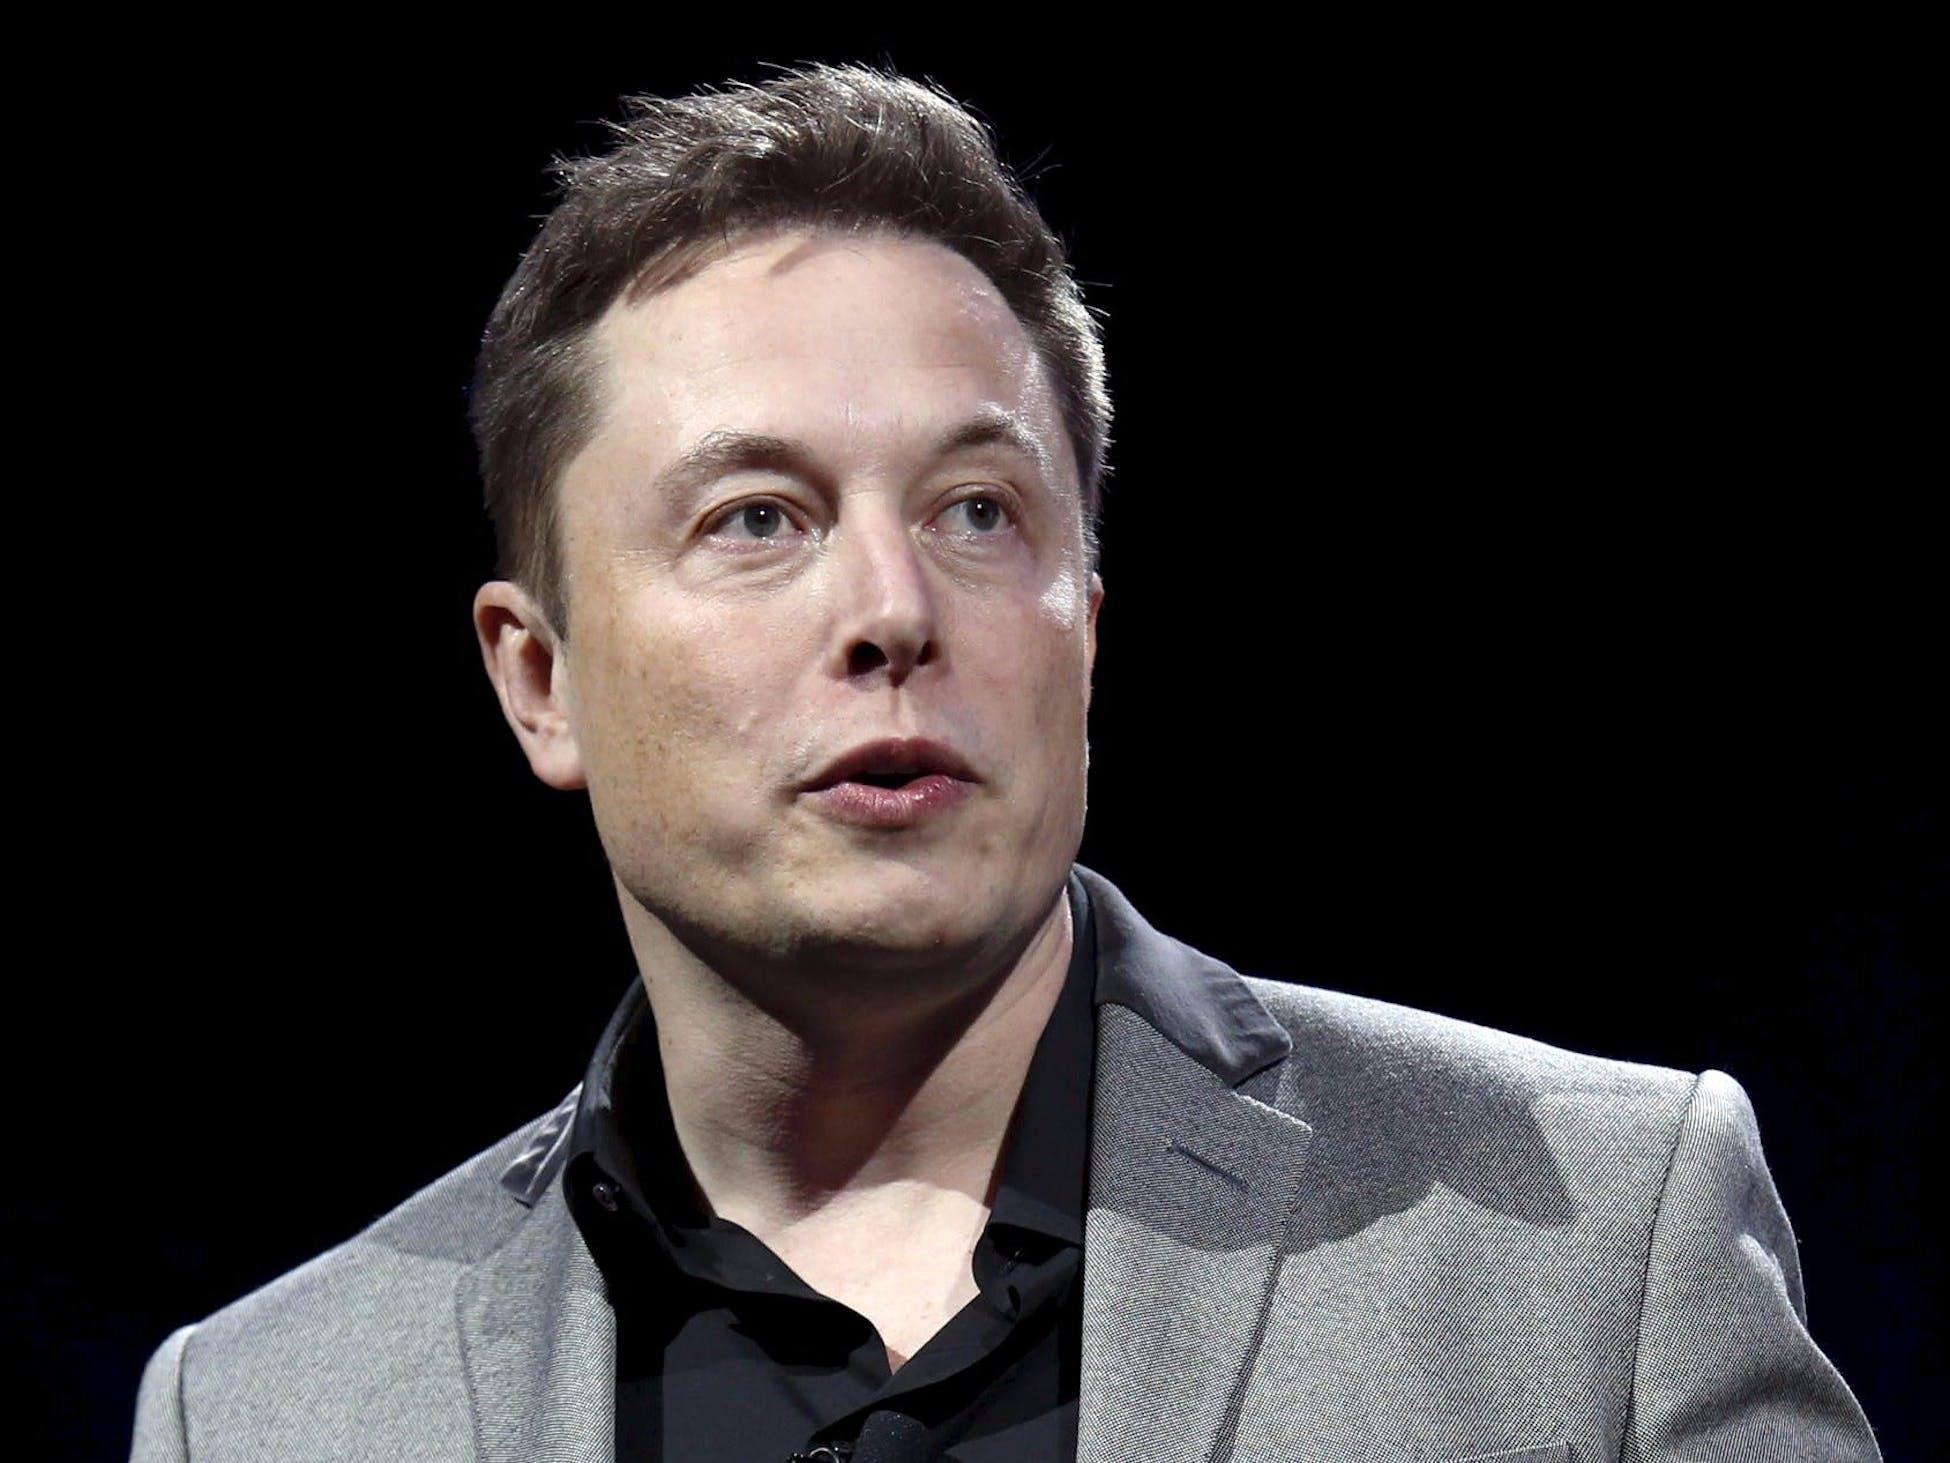 Elon Reeve Musk ˈiːlɒn ˈmʌsk 28 Juni 1971 in Pretoria ist ein Unternehmer und Investor Er besitzt sowohl die Staatsangehörigkeit seines Geburtslandes